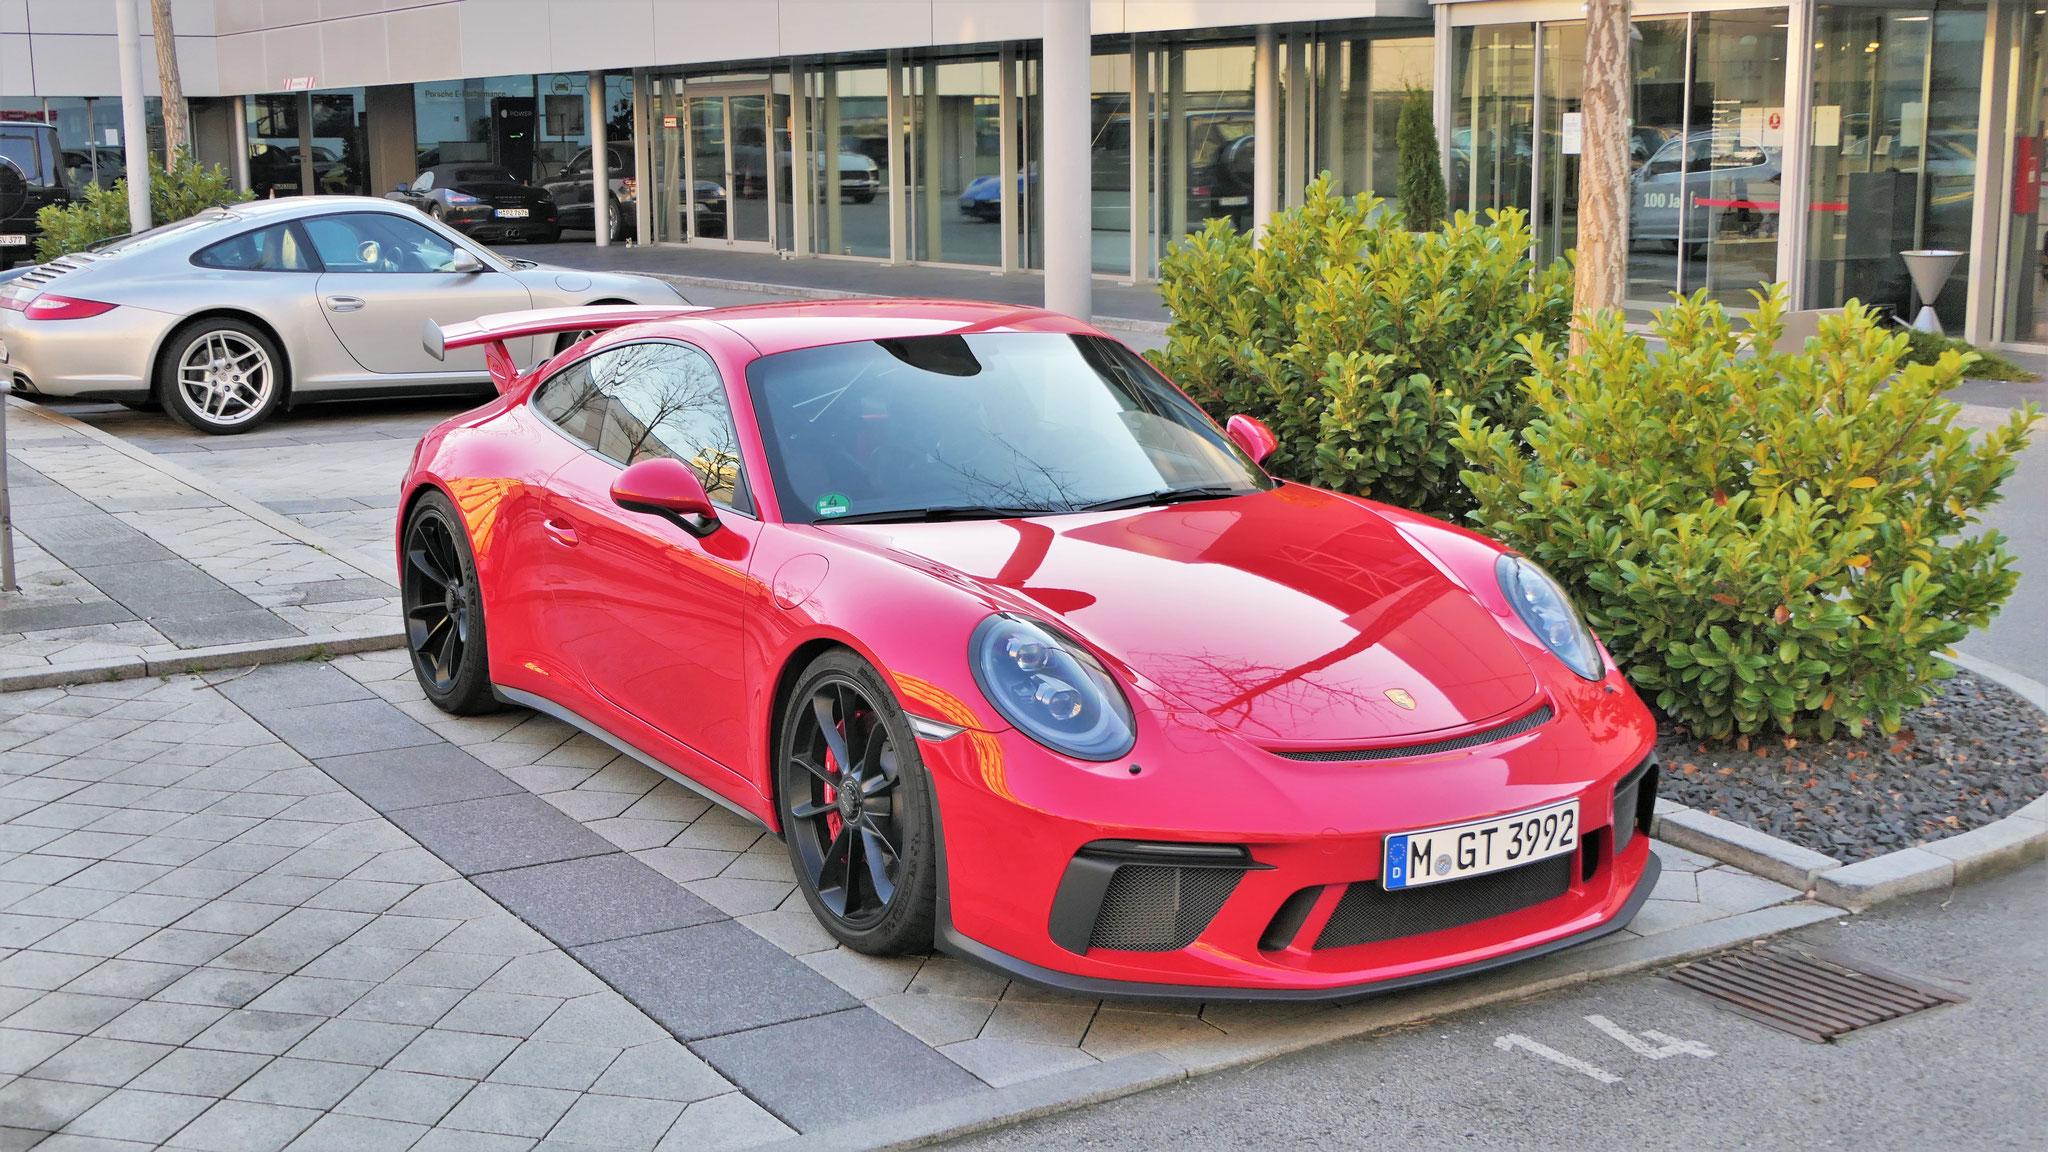 Porsche 991 GT3 - M-GT-3992